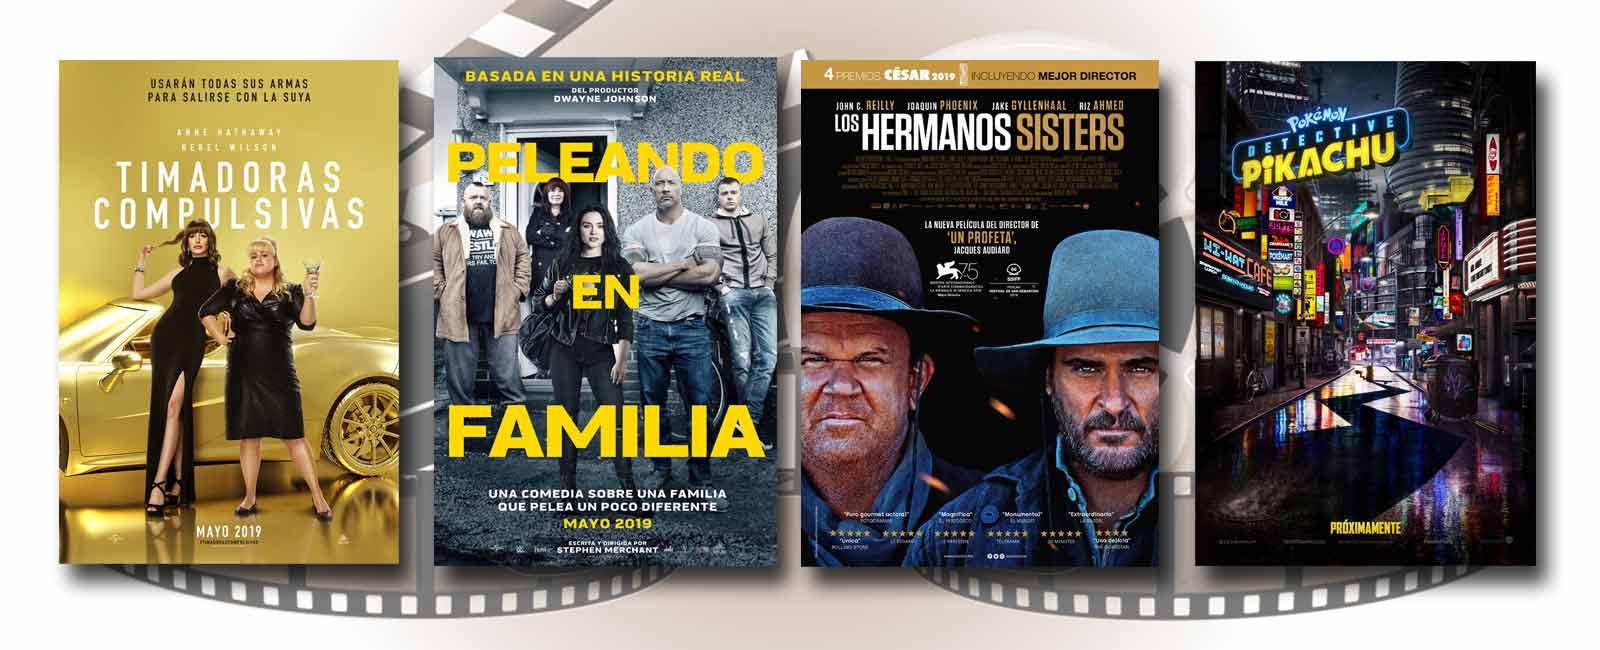 Estrenos de Cine de la Semana… 10 de Mayo 2019